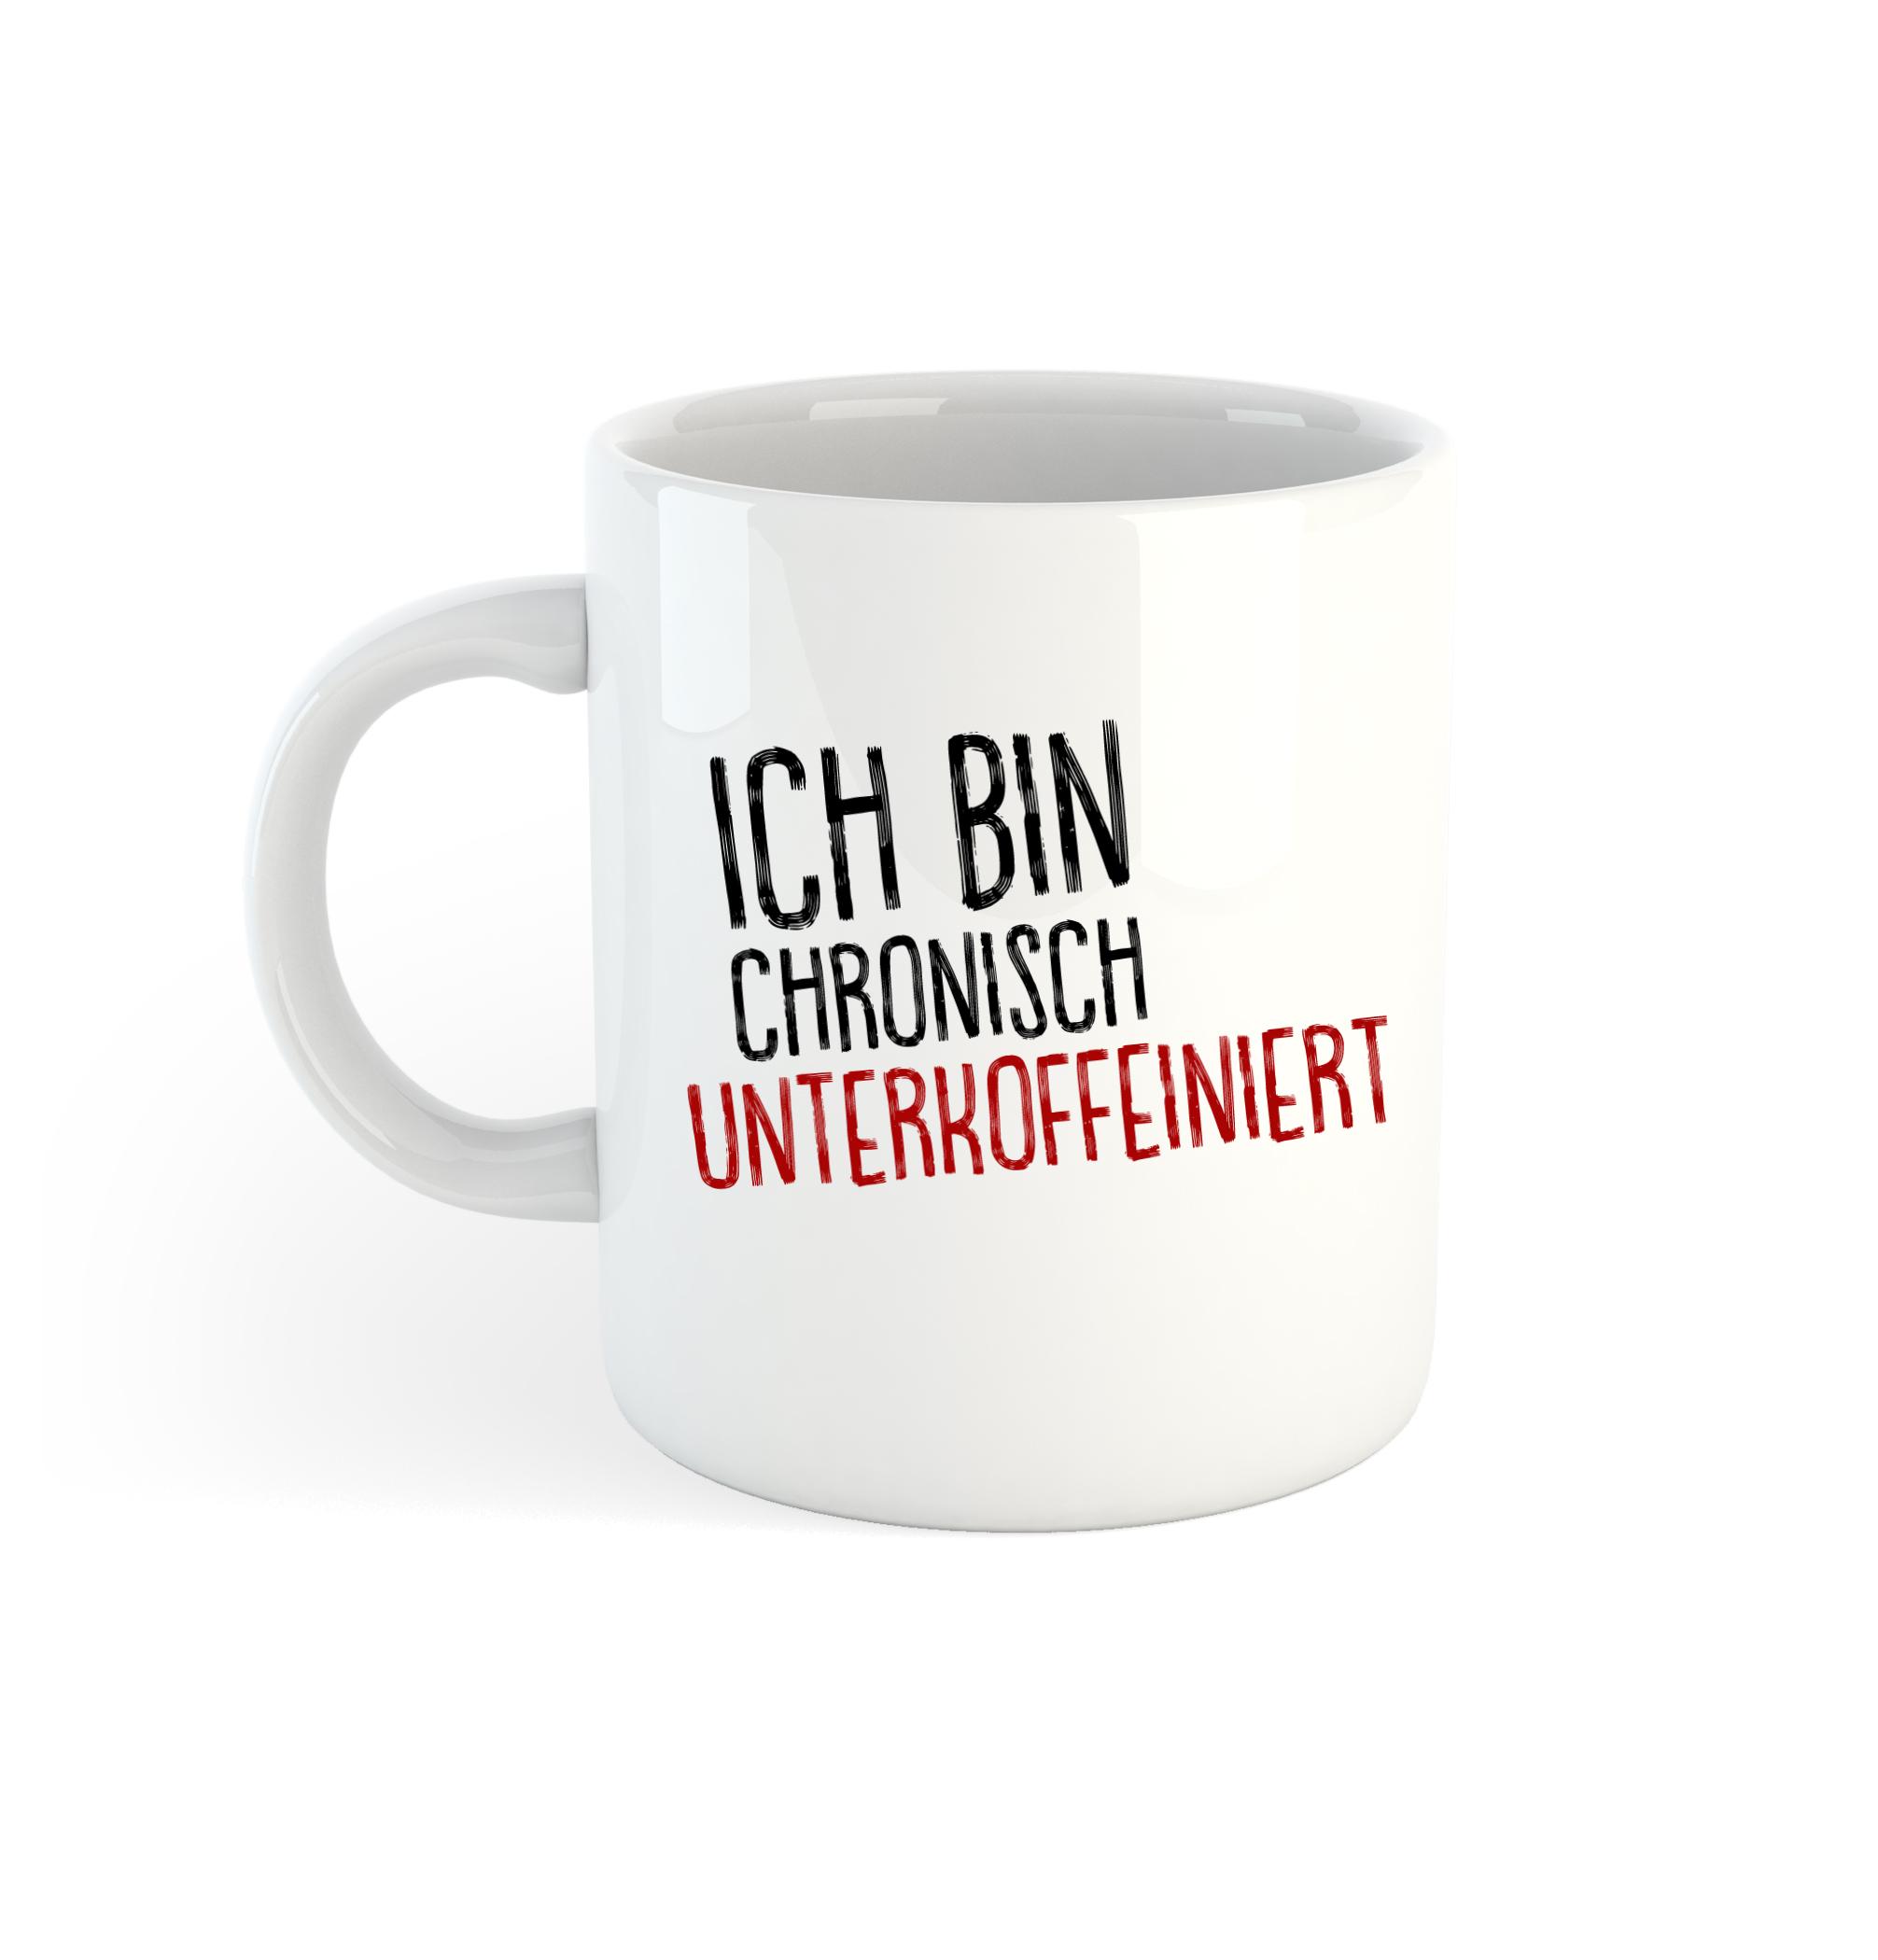 Tasse - Ich bin chronisch unterkoffeiniert